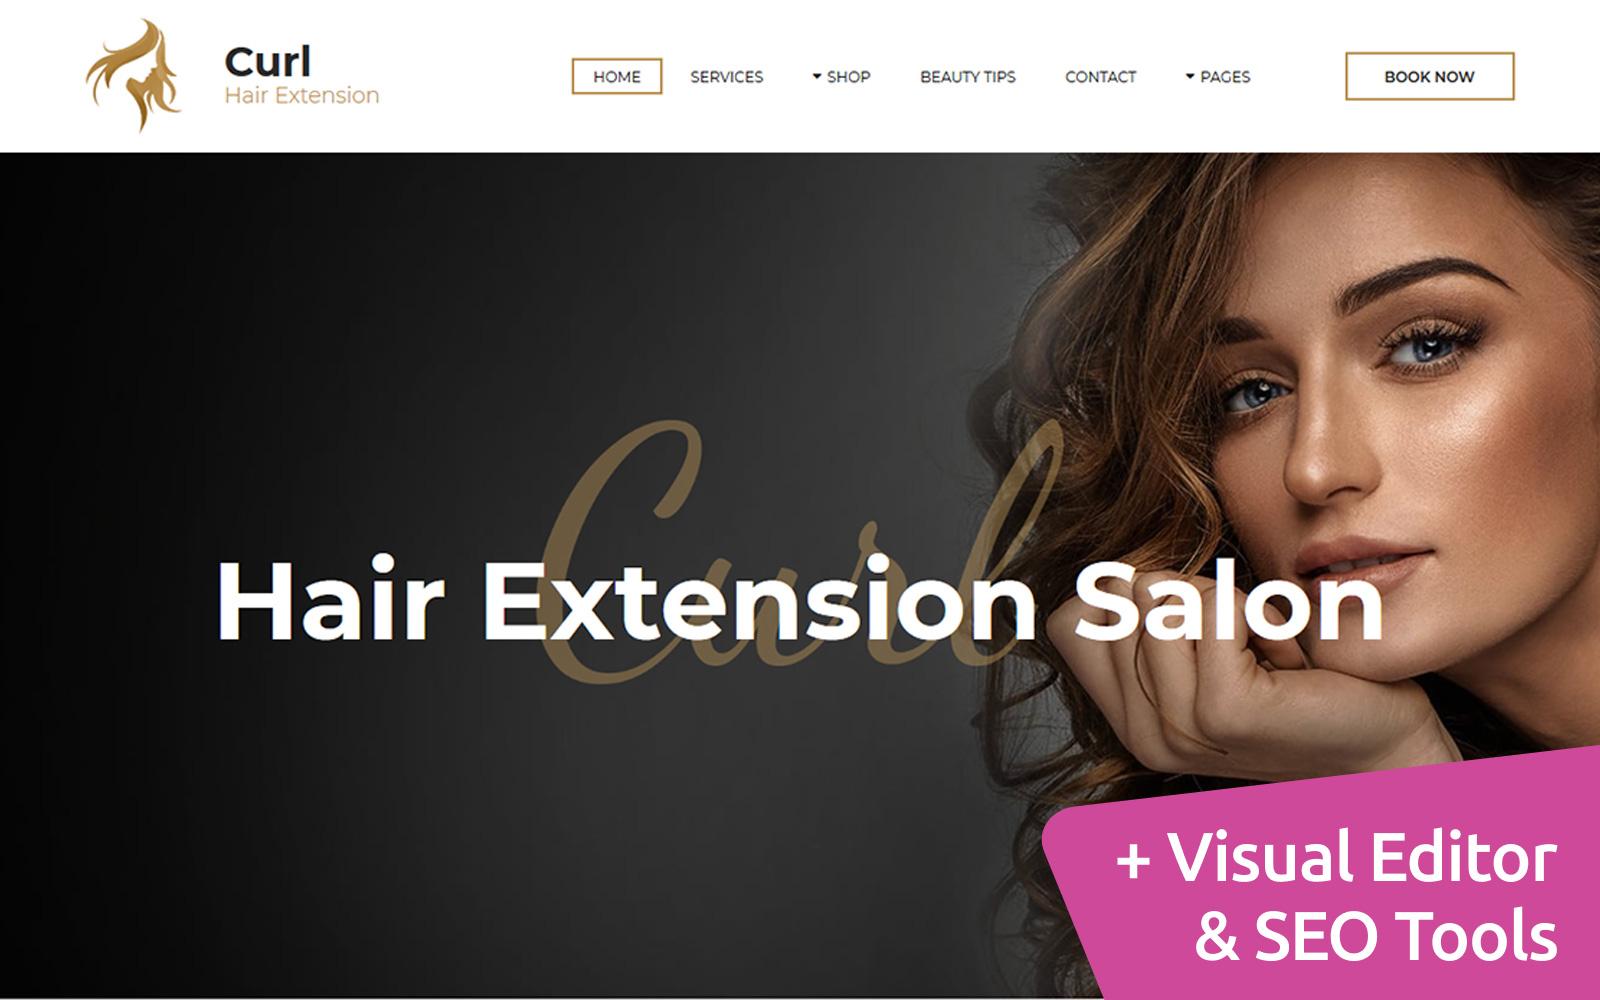 Reszponzív Curl - Hair Extension Moto CMS 3 sablon 82651